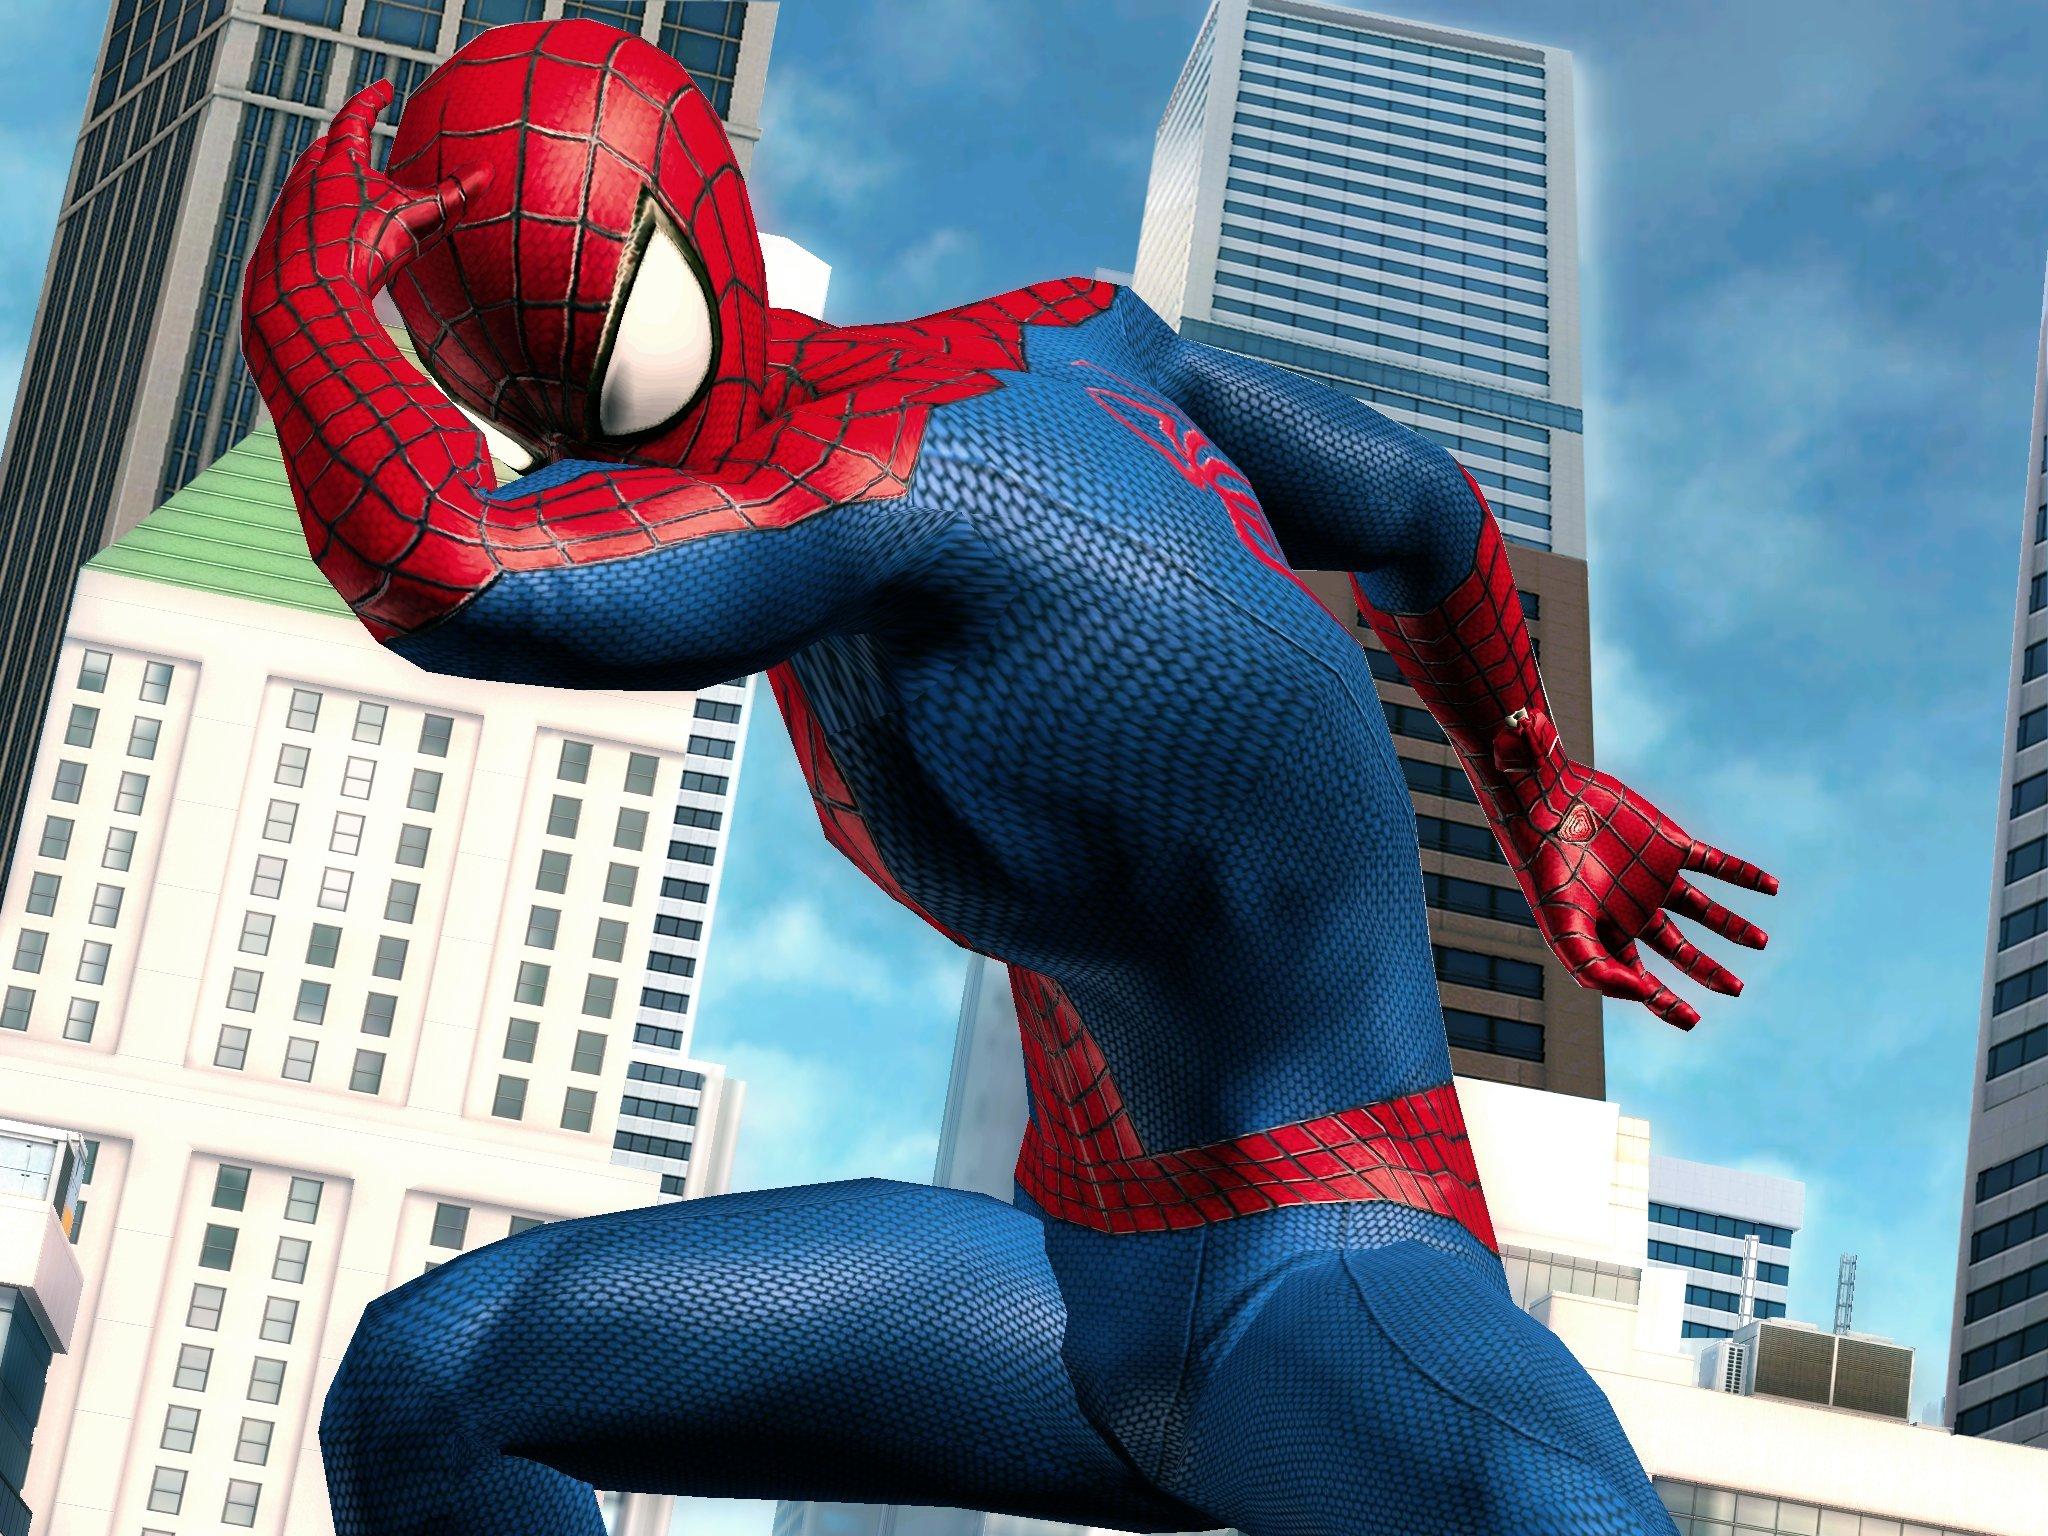 низкой картинки человека паука удивительный ещё юный артист